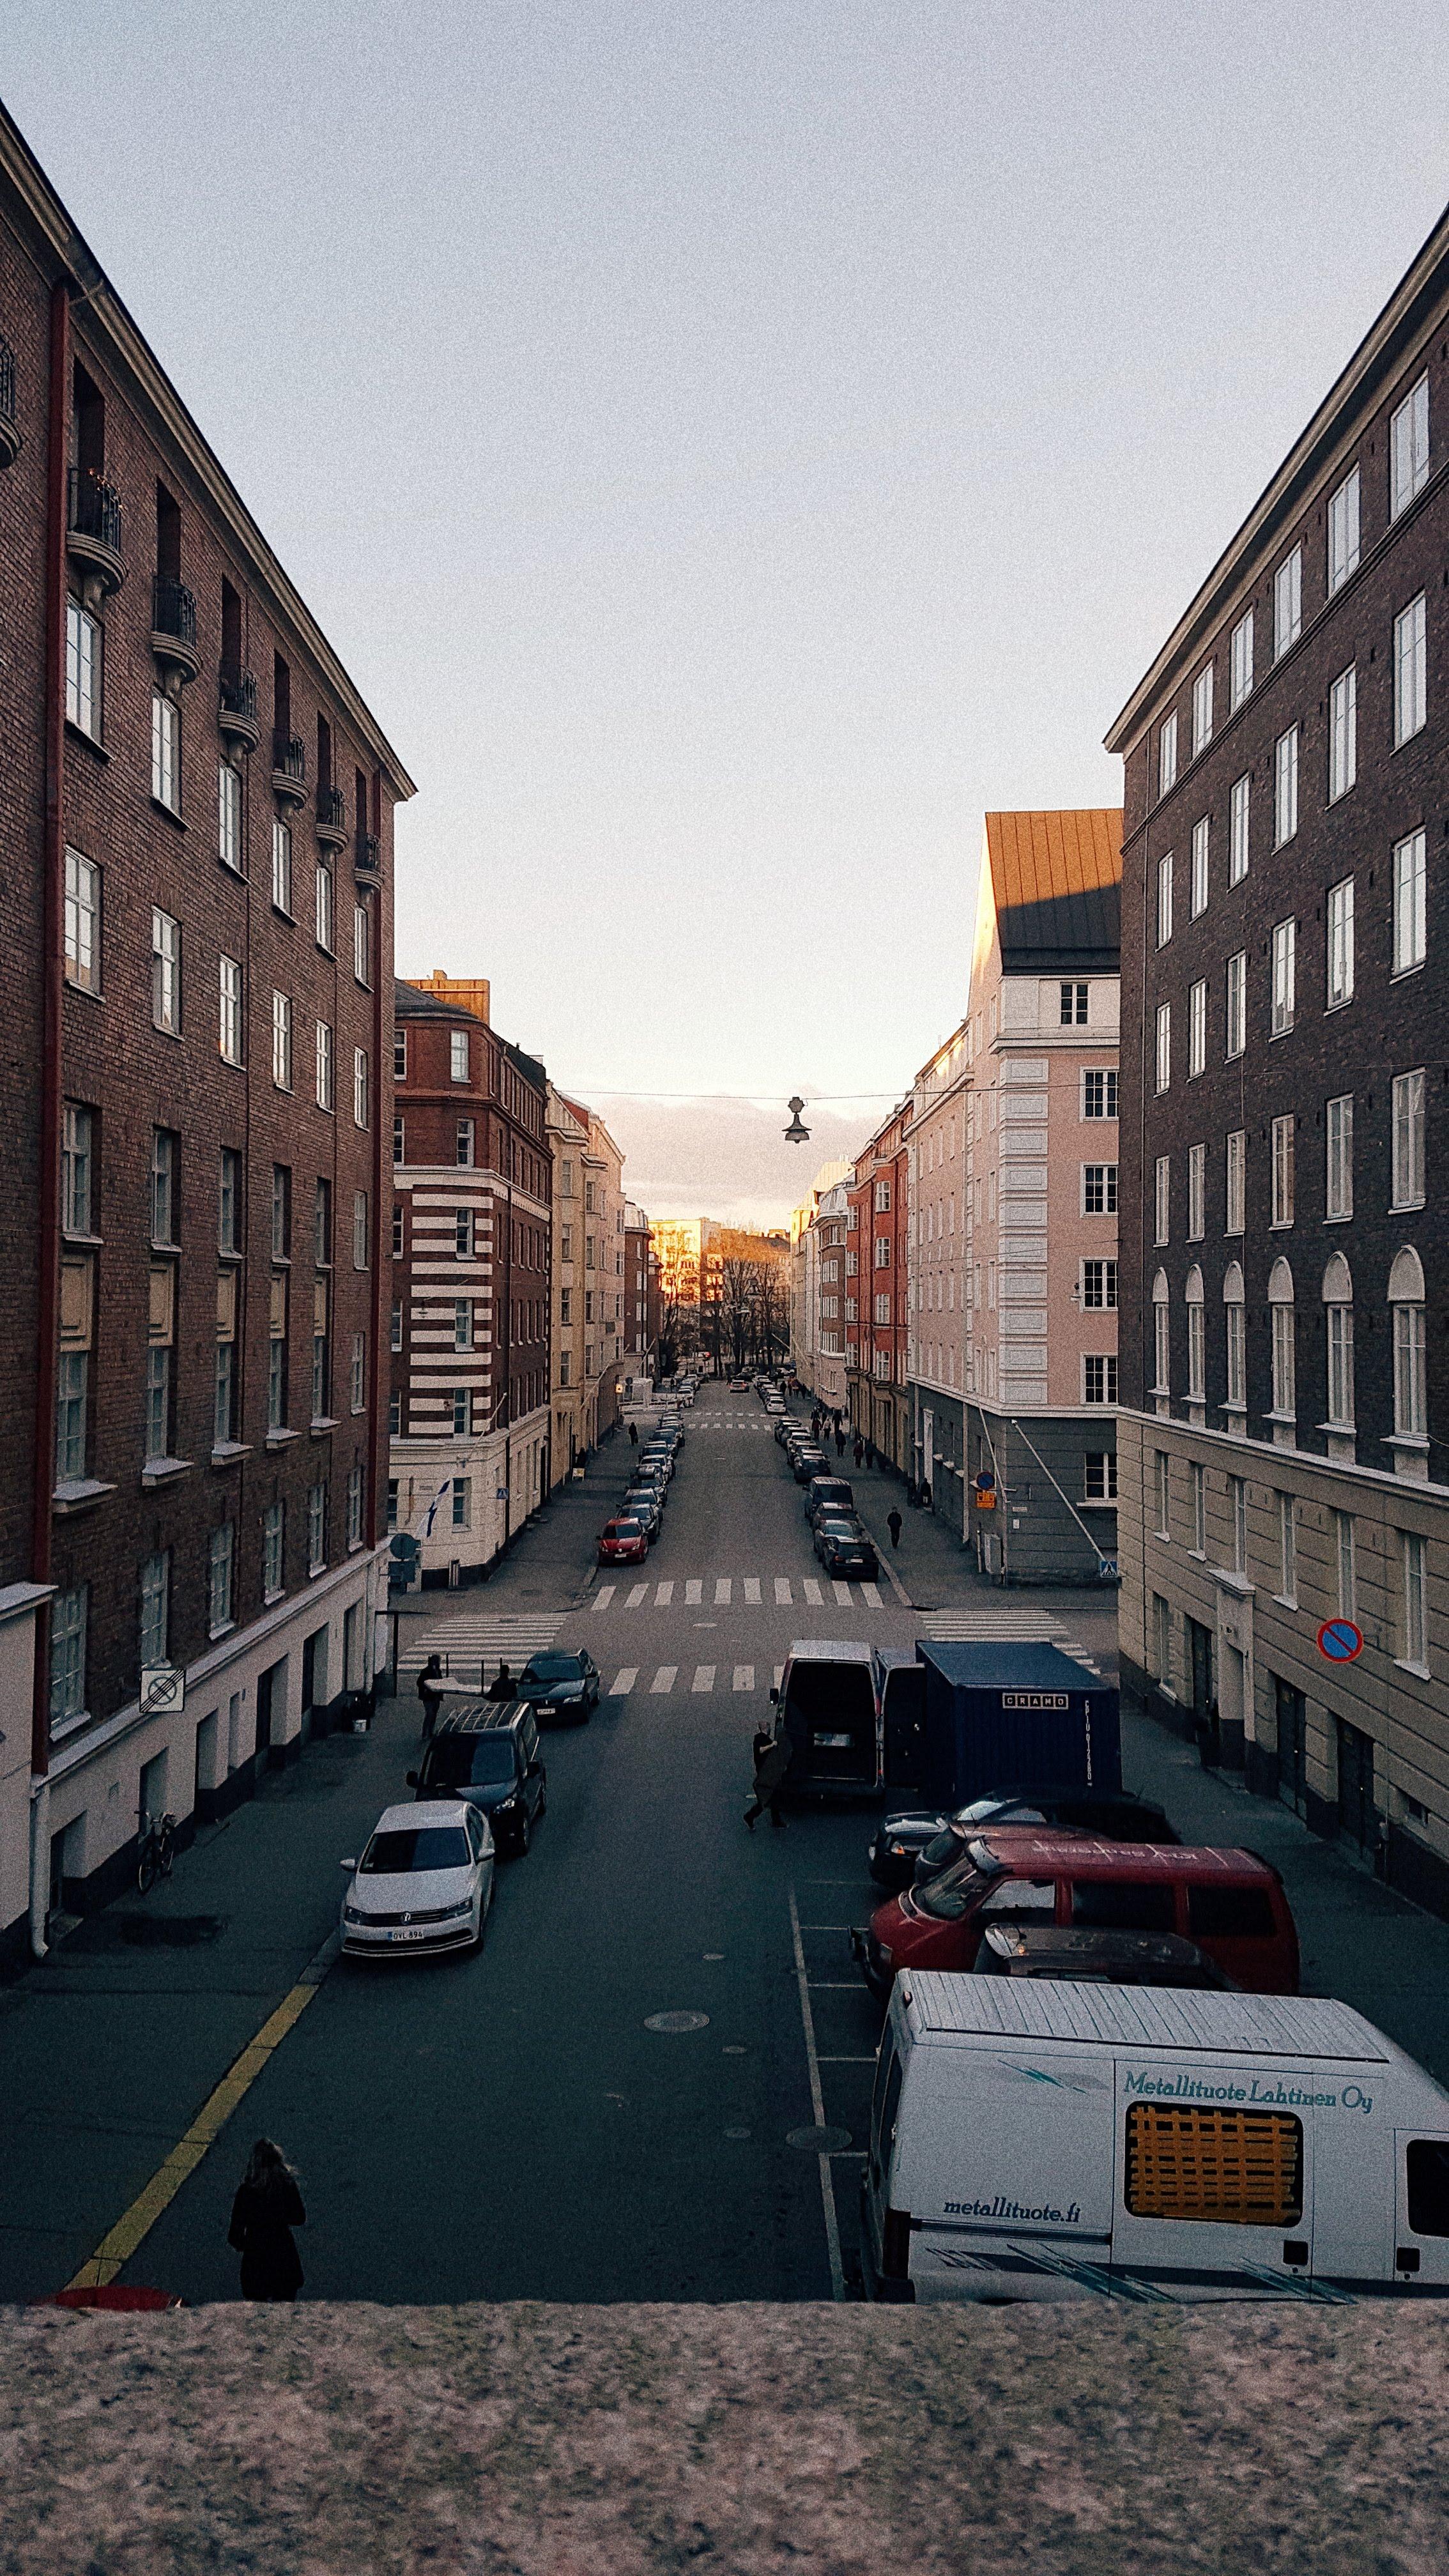 Helsinkisunset